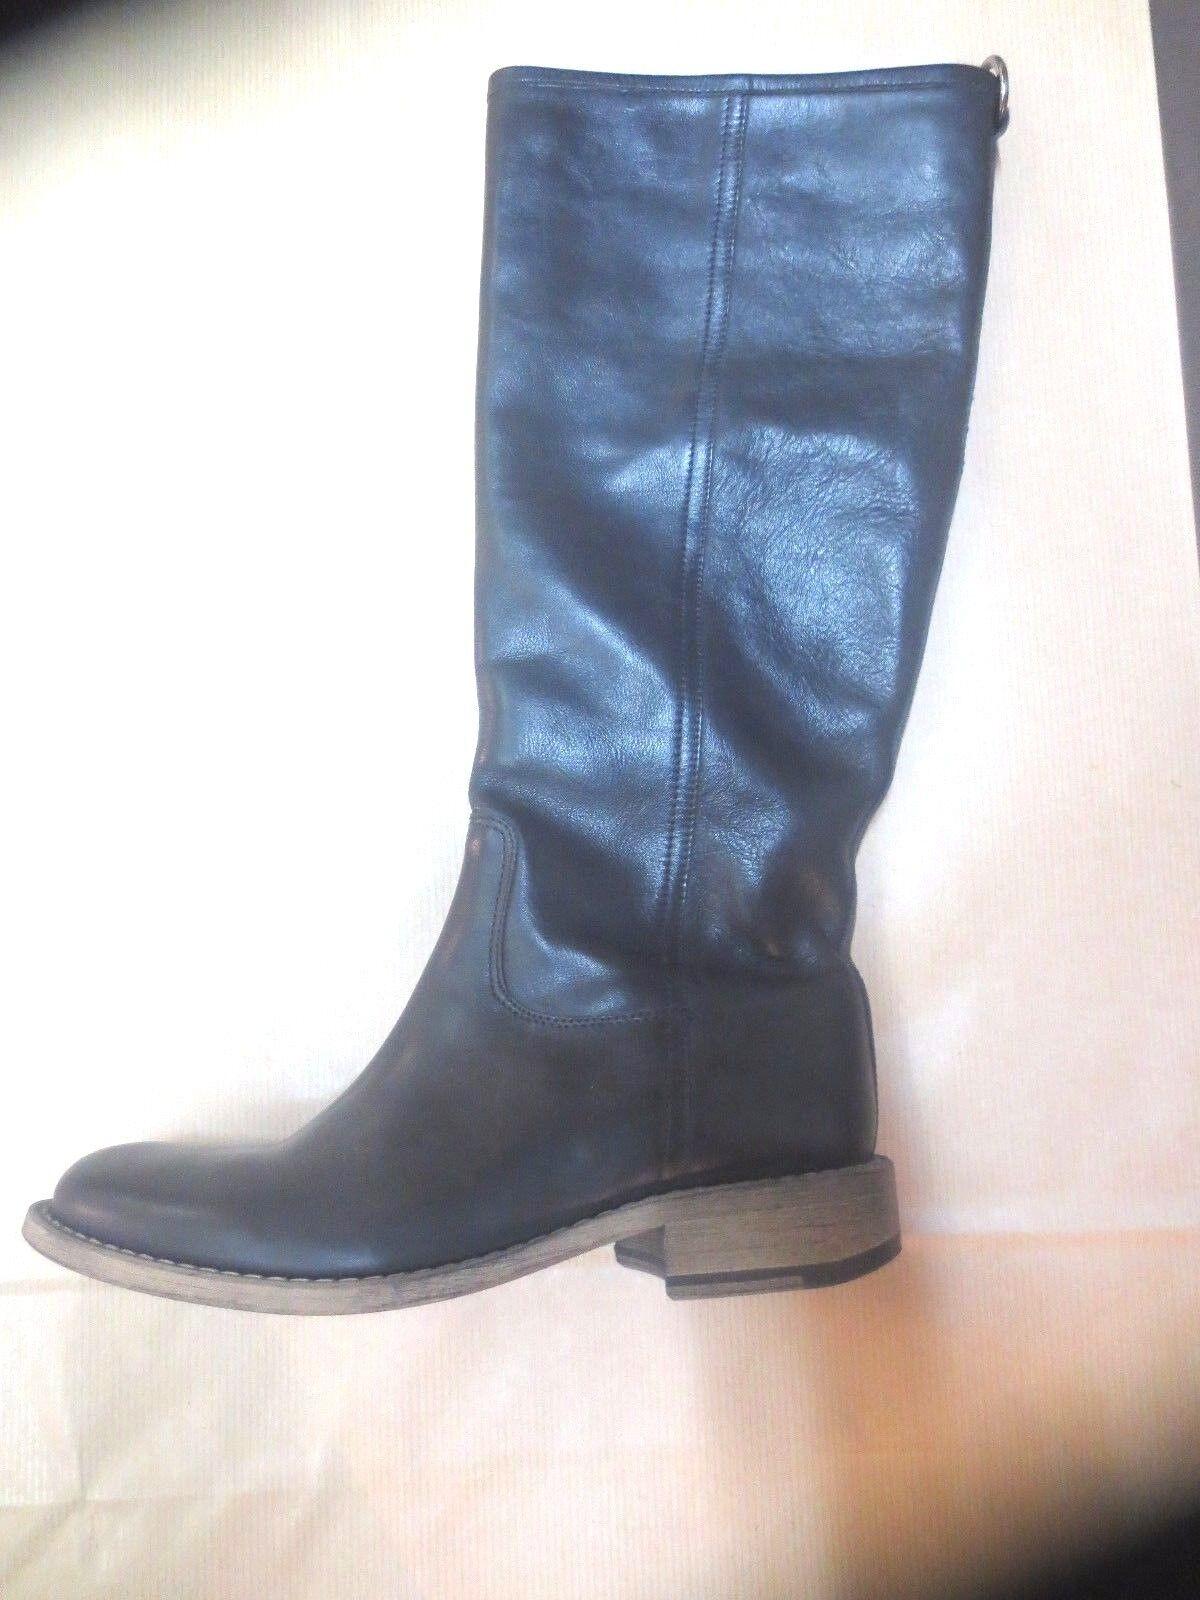 Stivali Minka design pelle nera nera nera NUOVE Valore 189E Dimensioni 36, 38 a475ca